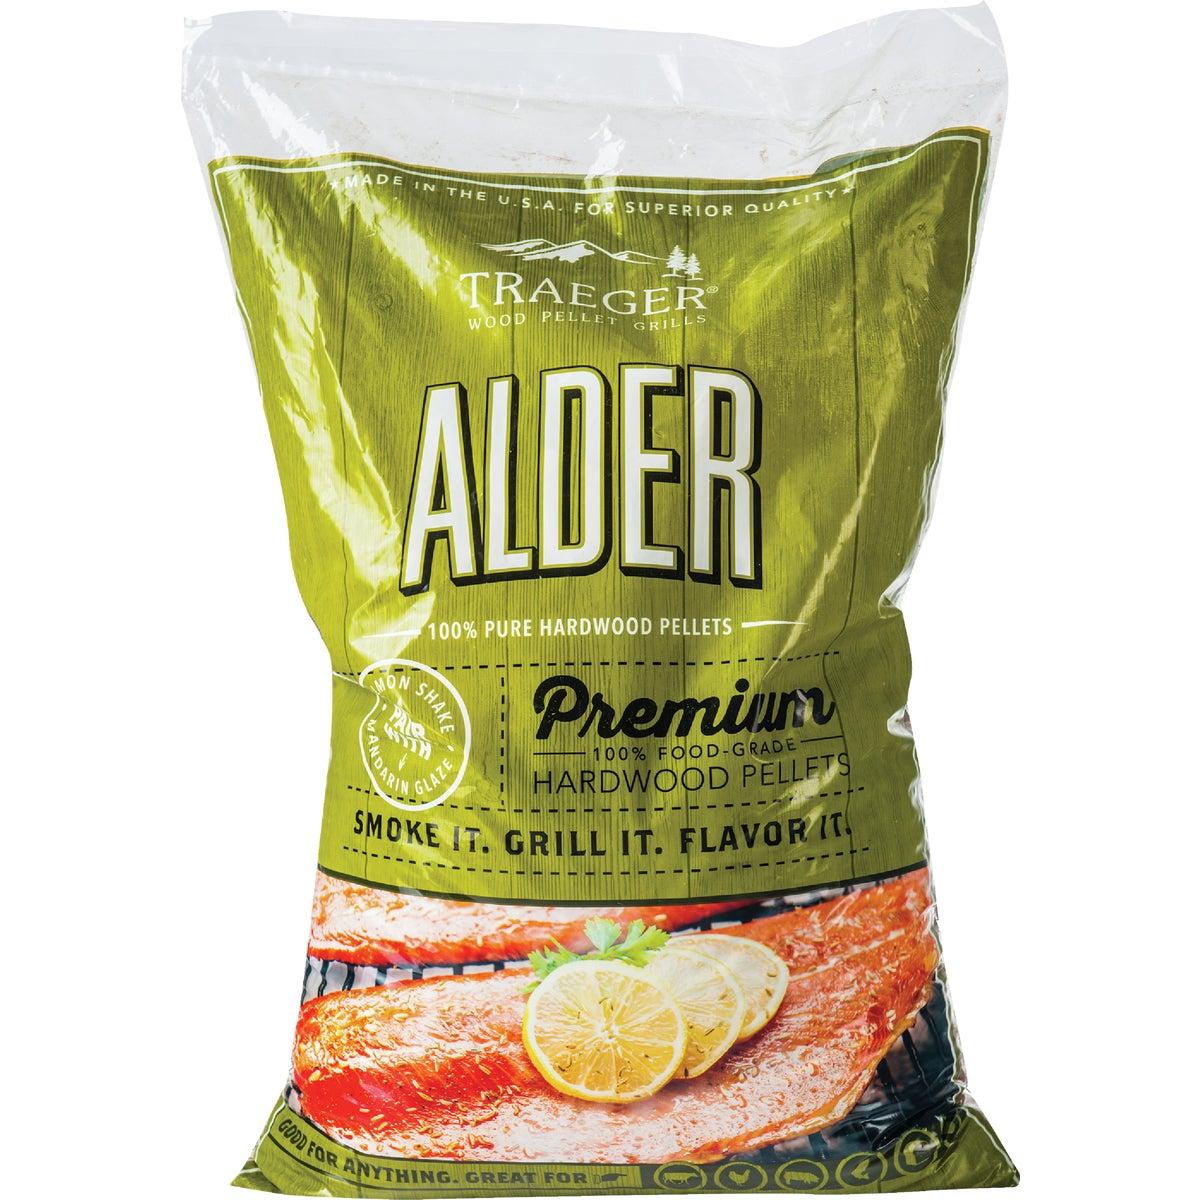 ALDER WOOD PELLETS - PEL307 by Traeger Industries